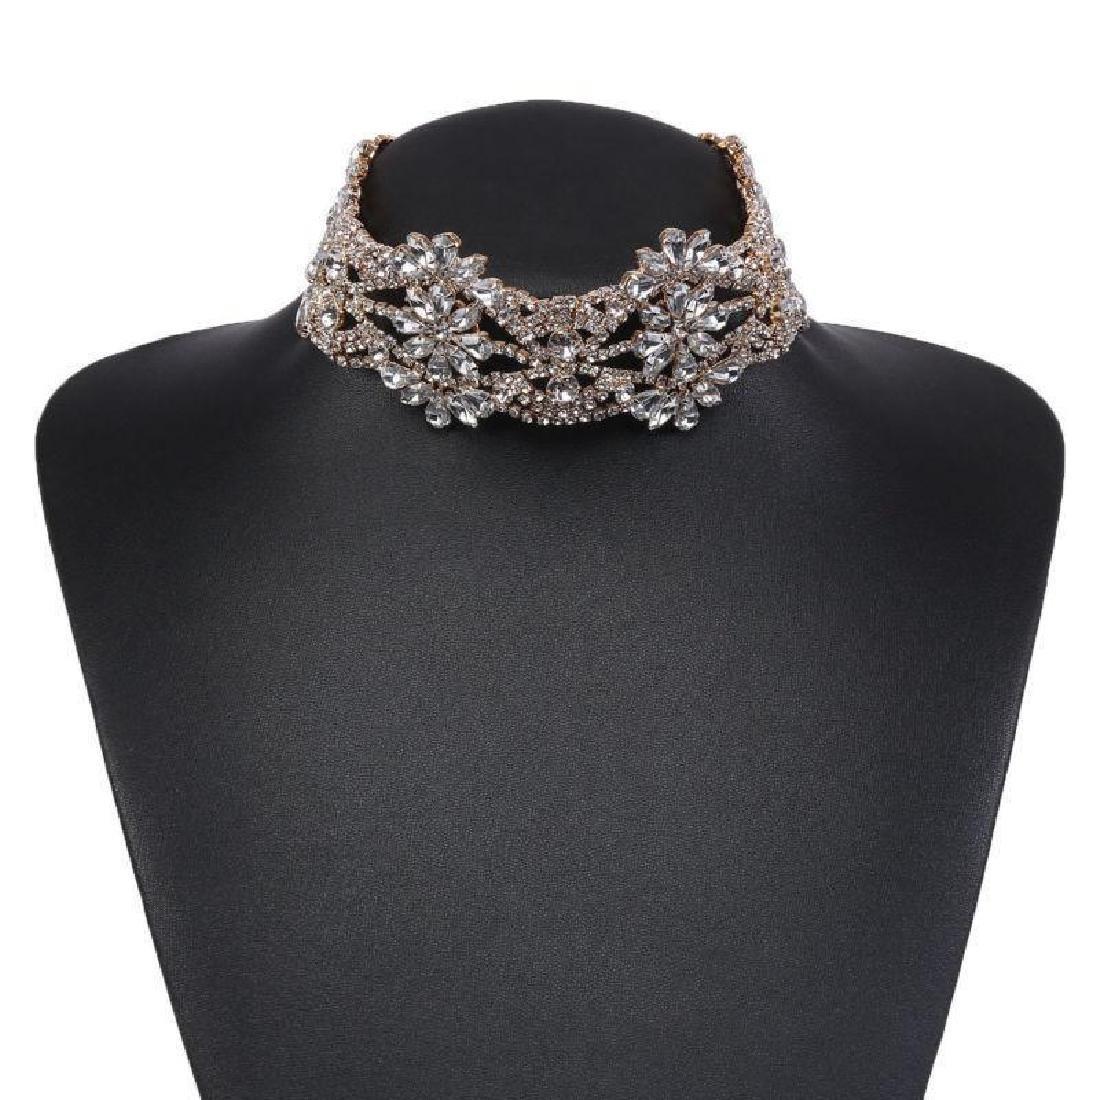 Holylove Rhinestone Crystal Charm Wide Collar Bib - 2